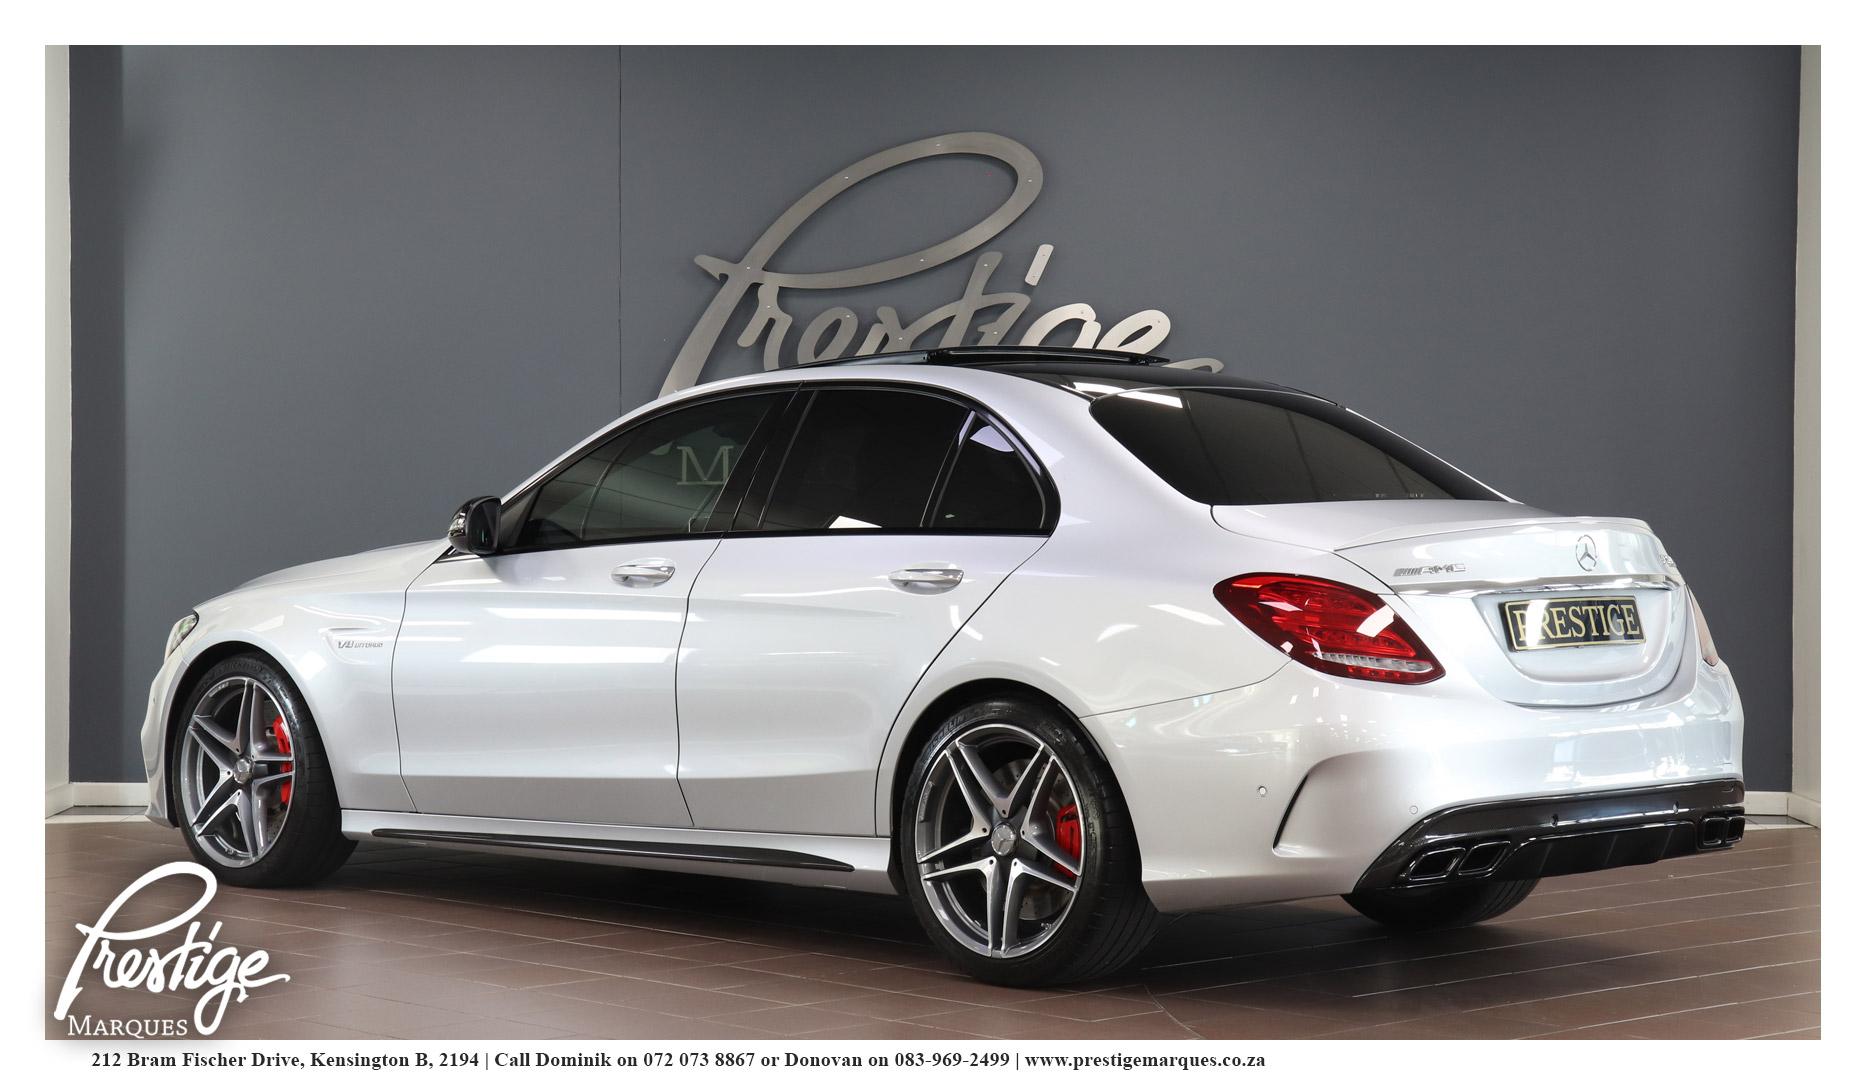 Mercedes-Benz-C63s-AMG-Prestige-Marques-5